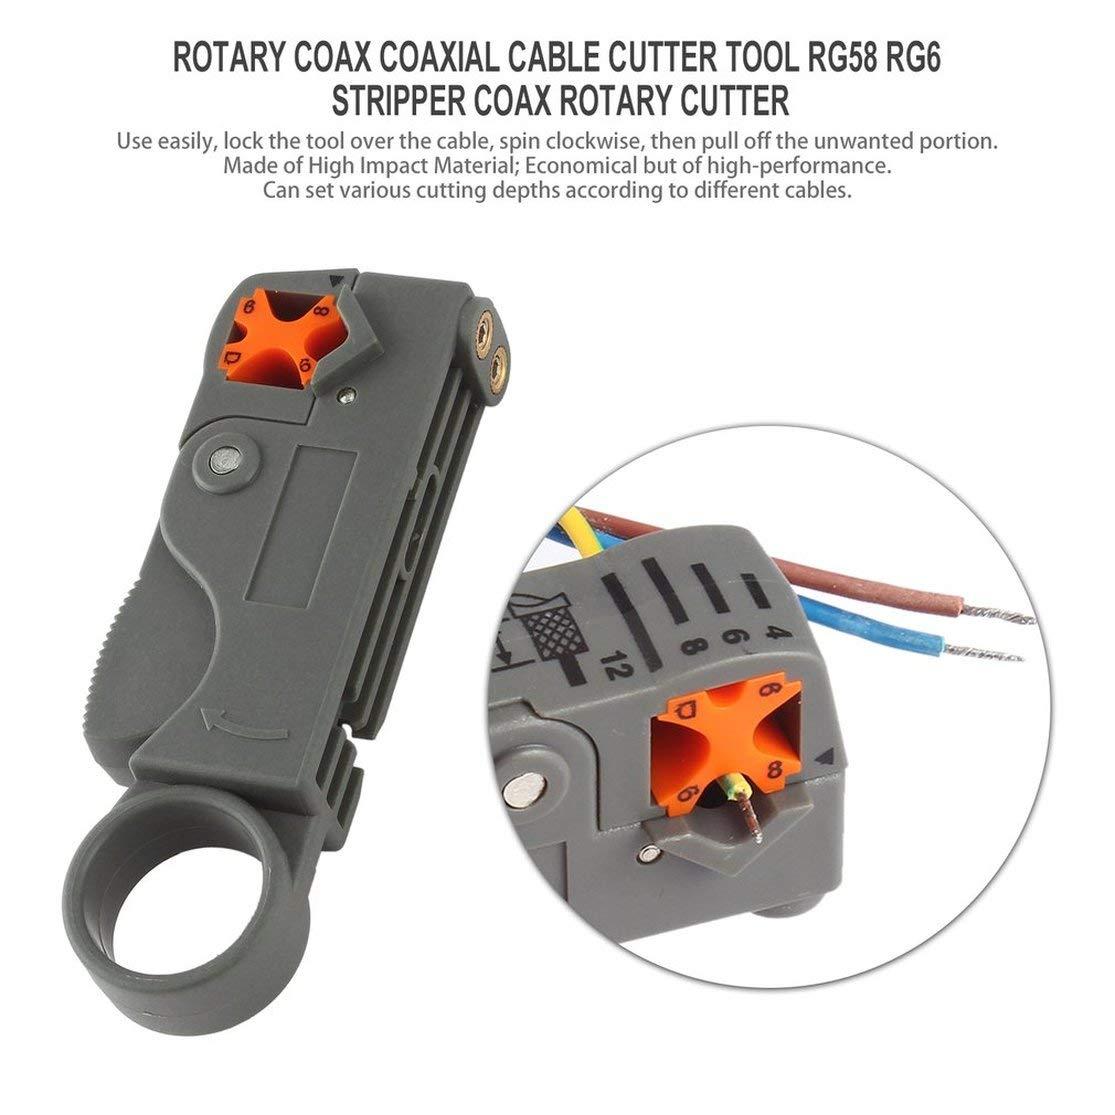 Herramienta doméstica Multifunción Rotativa Coaxial Cable ...